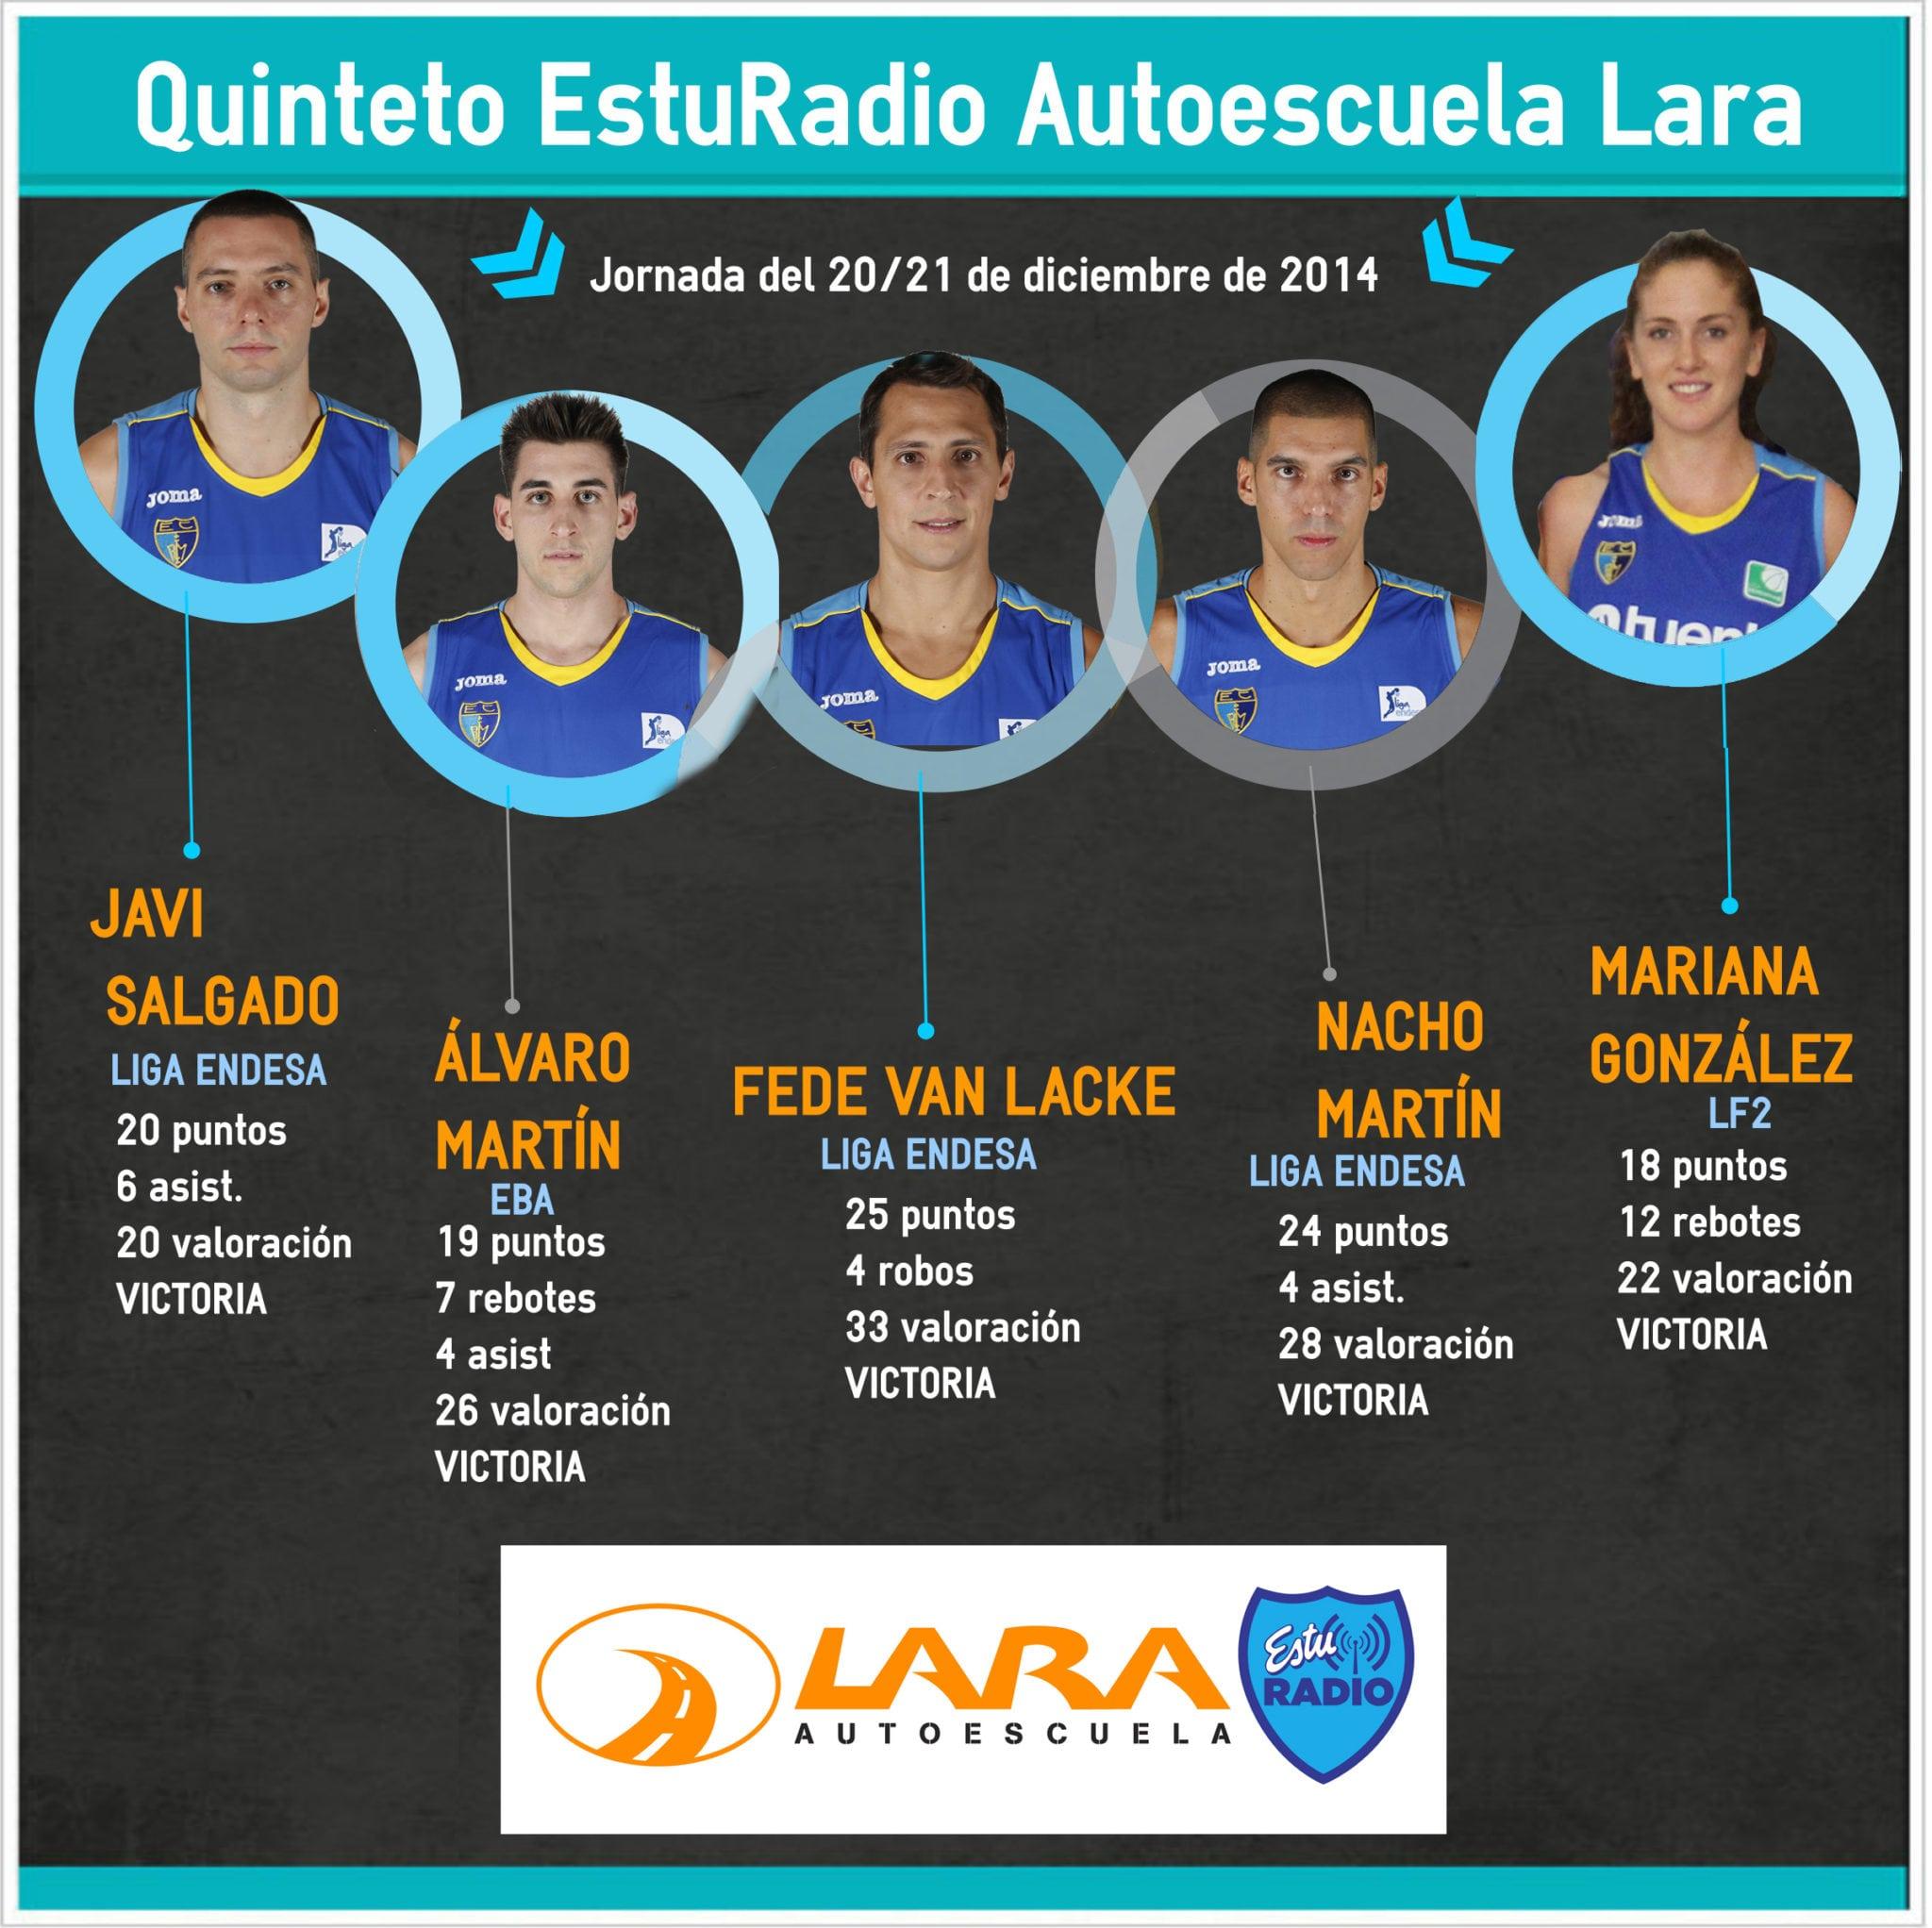 Quinteto EstuRadio Autoescuela Lara: Javi Salgado, Álvaro Martín, Fede Van Lacke, Nacho Martín y Mariana González